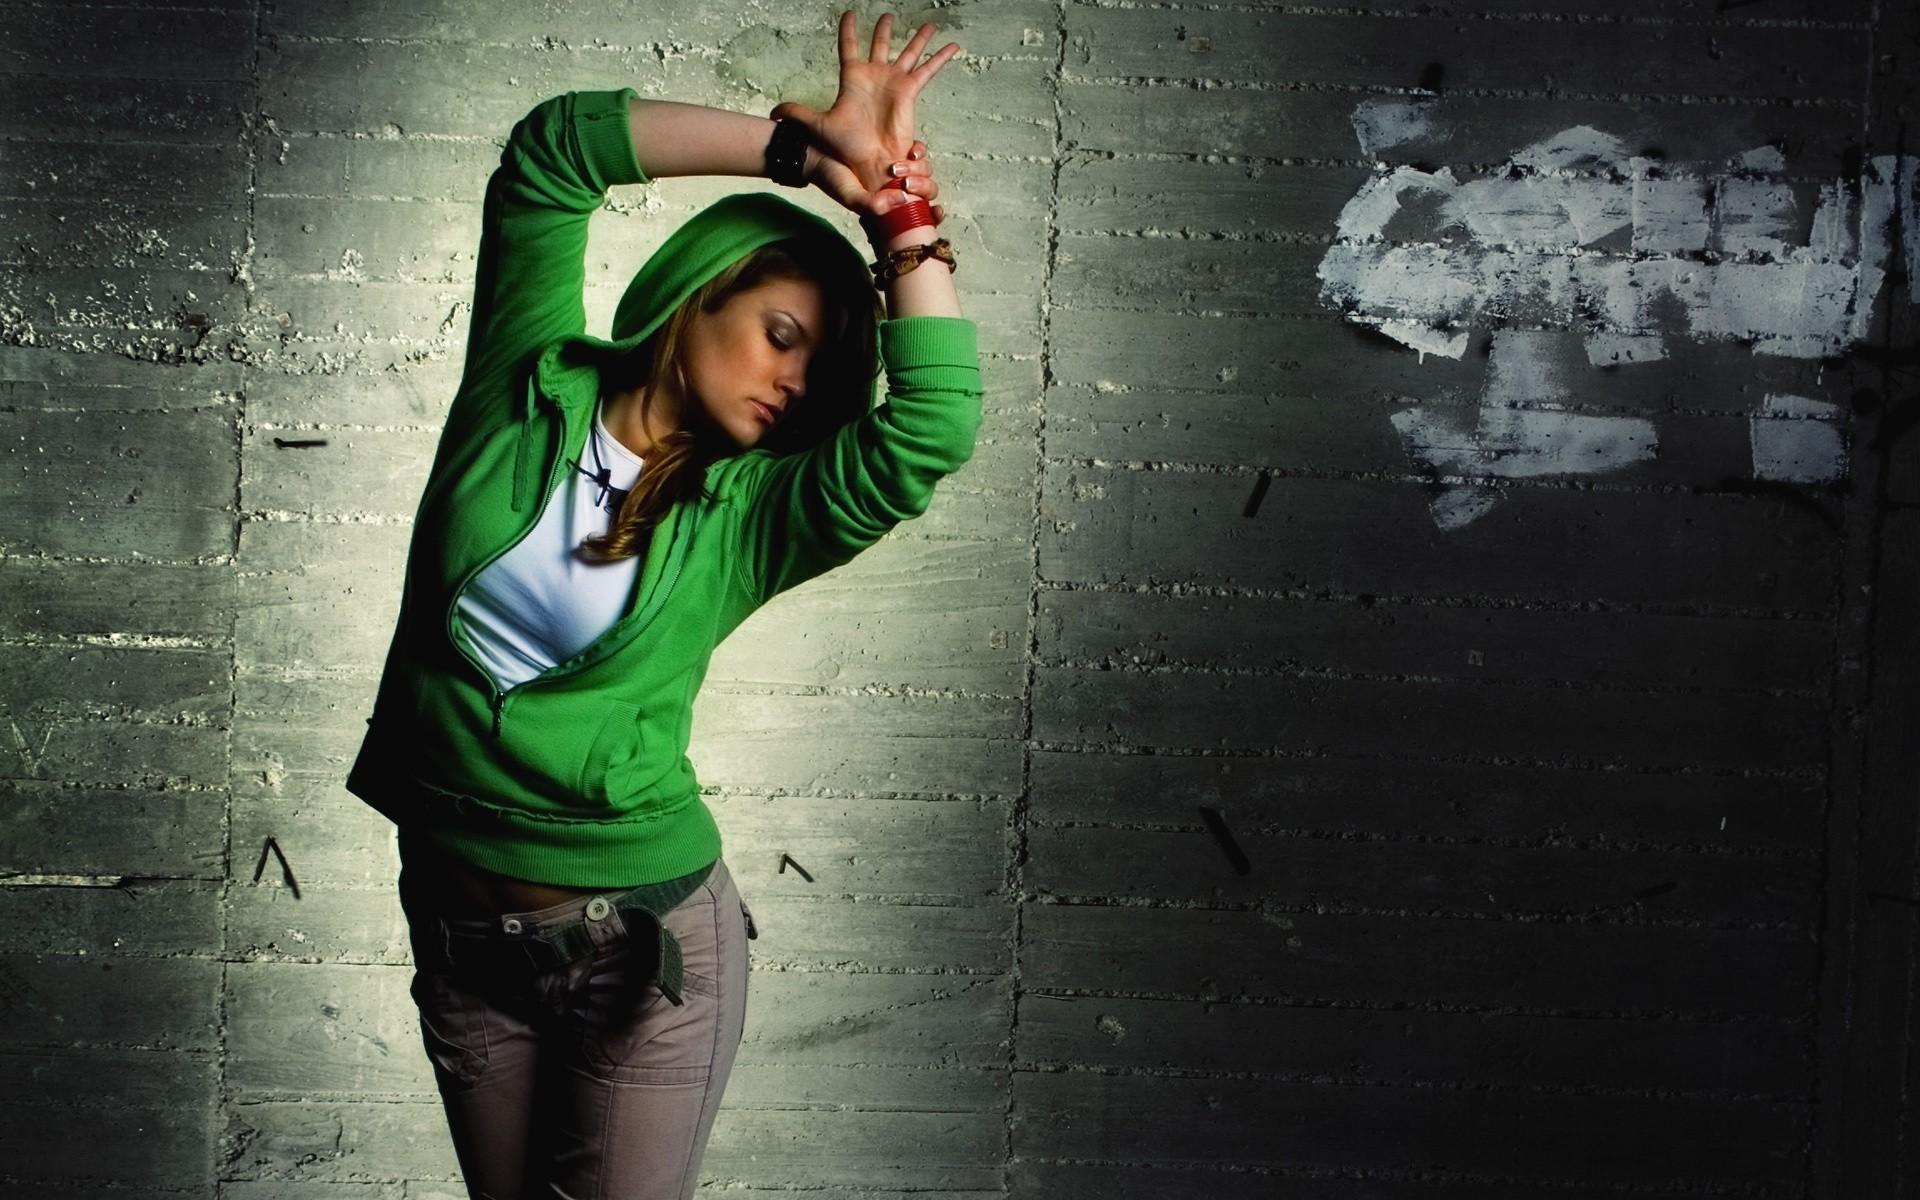 Танец красивой девушки  № 350551 бесплатно